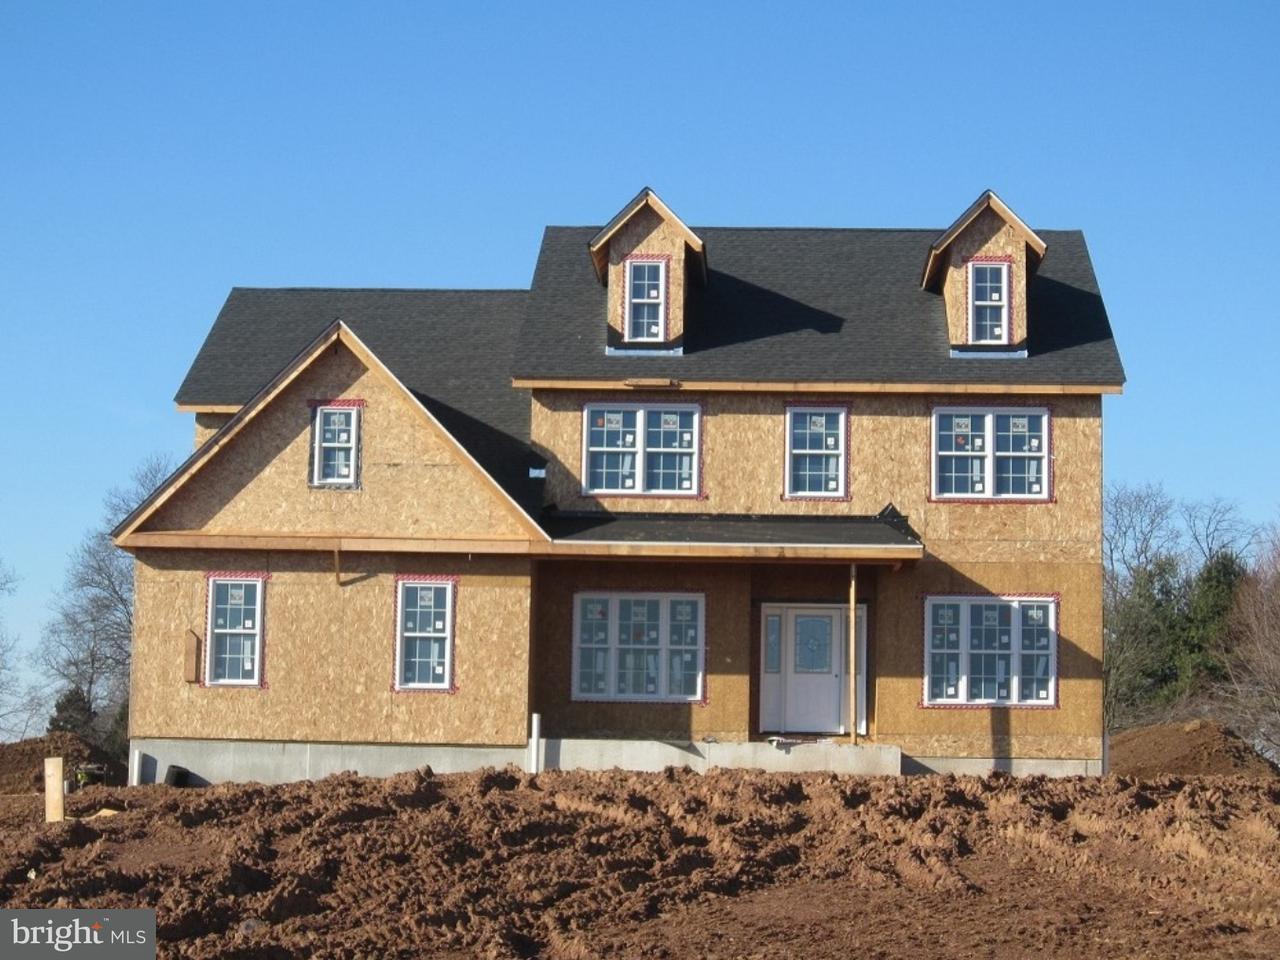 Casa Unifamiliar por un Venta en 21 BOSS Road Ringoes, Nueva Jersey 08551 Estados UnidosEn/Alrededor: East Amwell Township